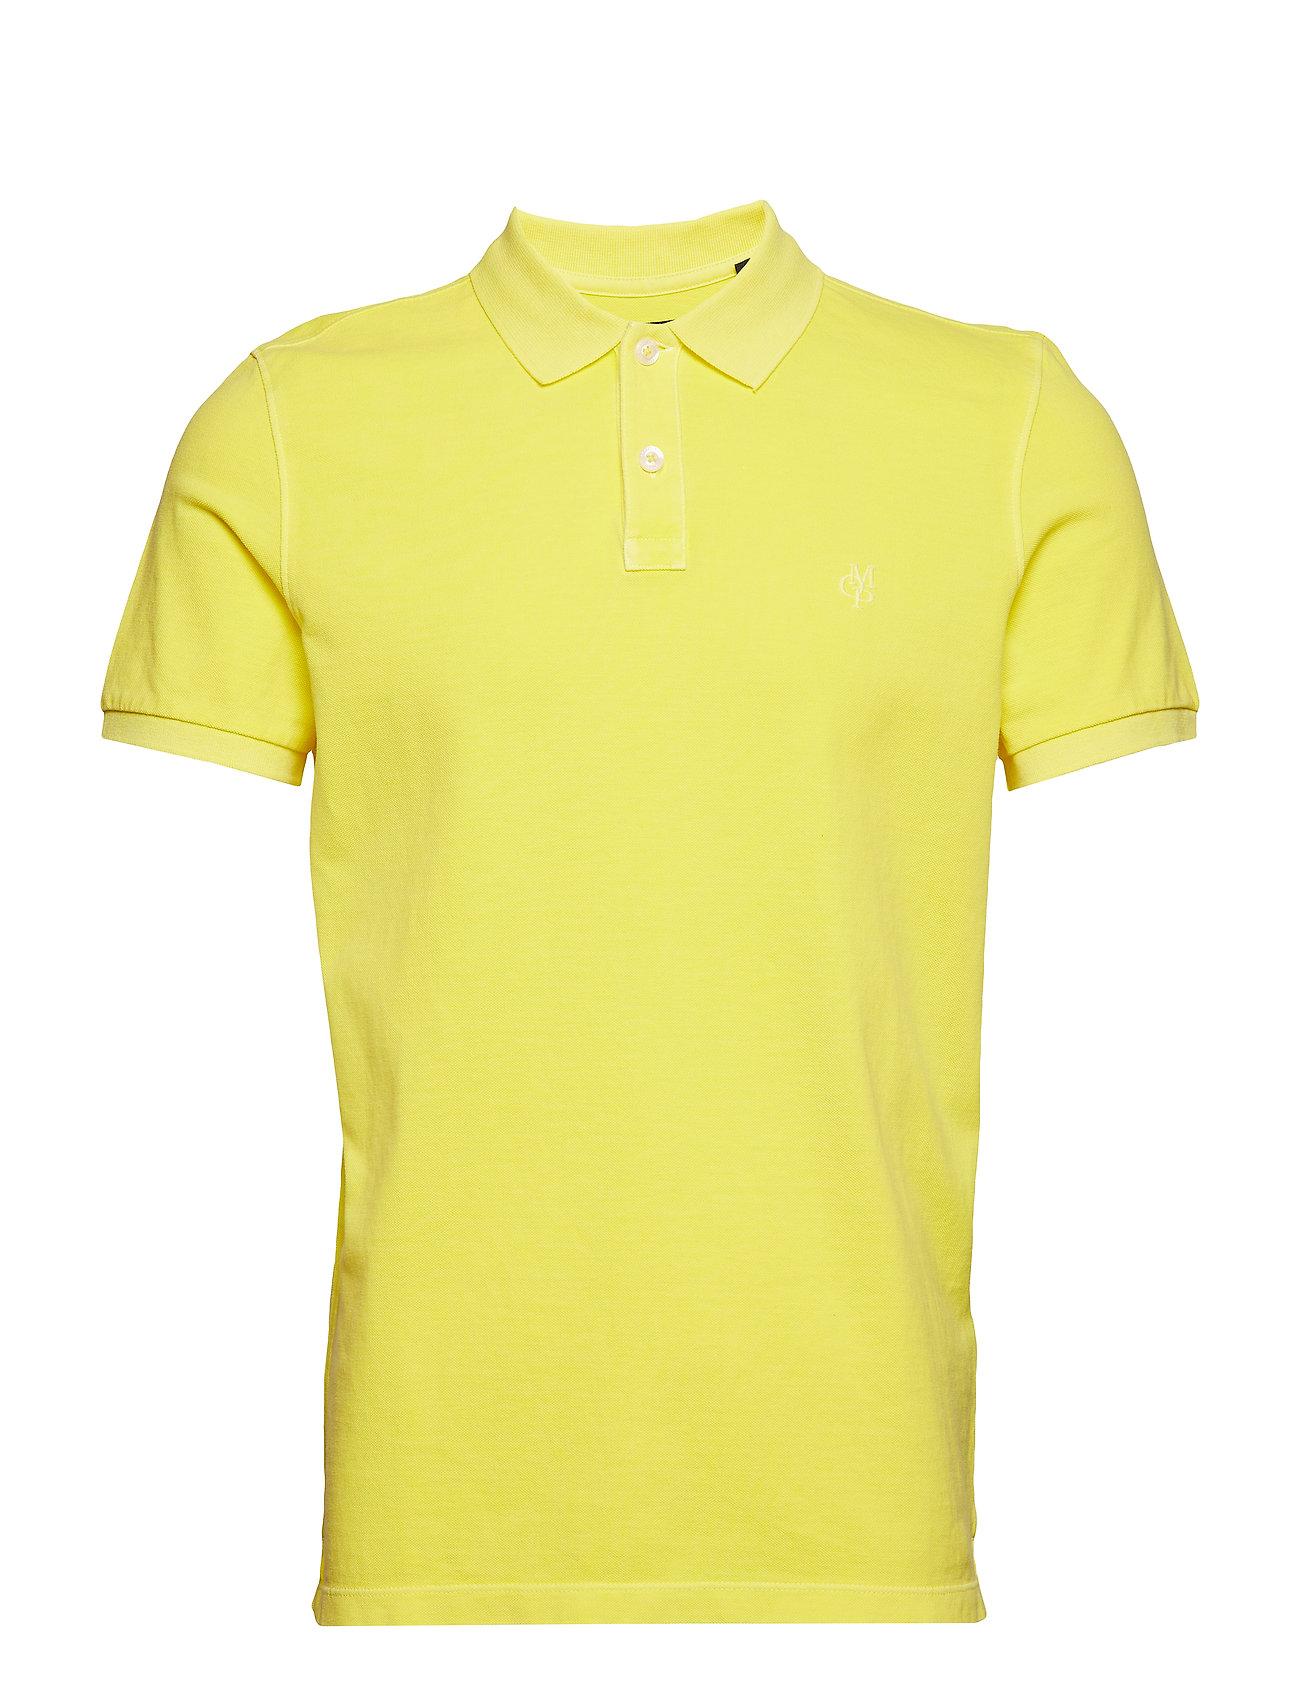 Marc O'Polo Polo Short Sleeve - BUTTERCUP